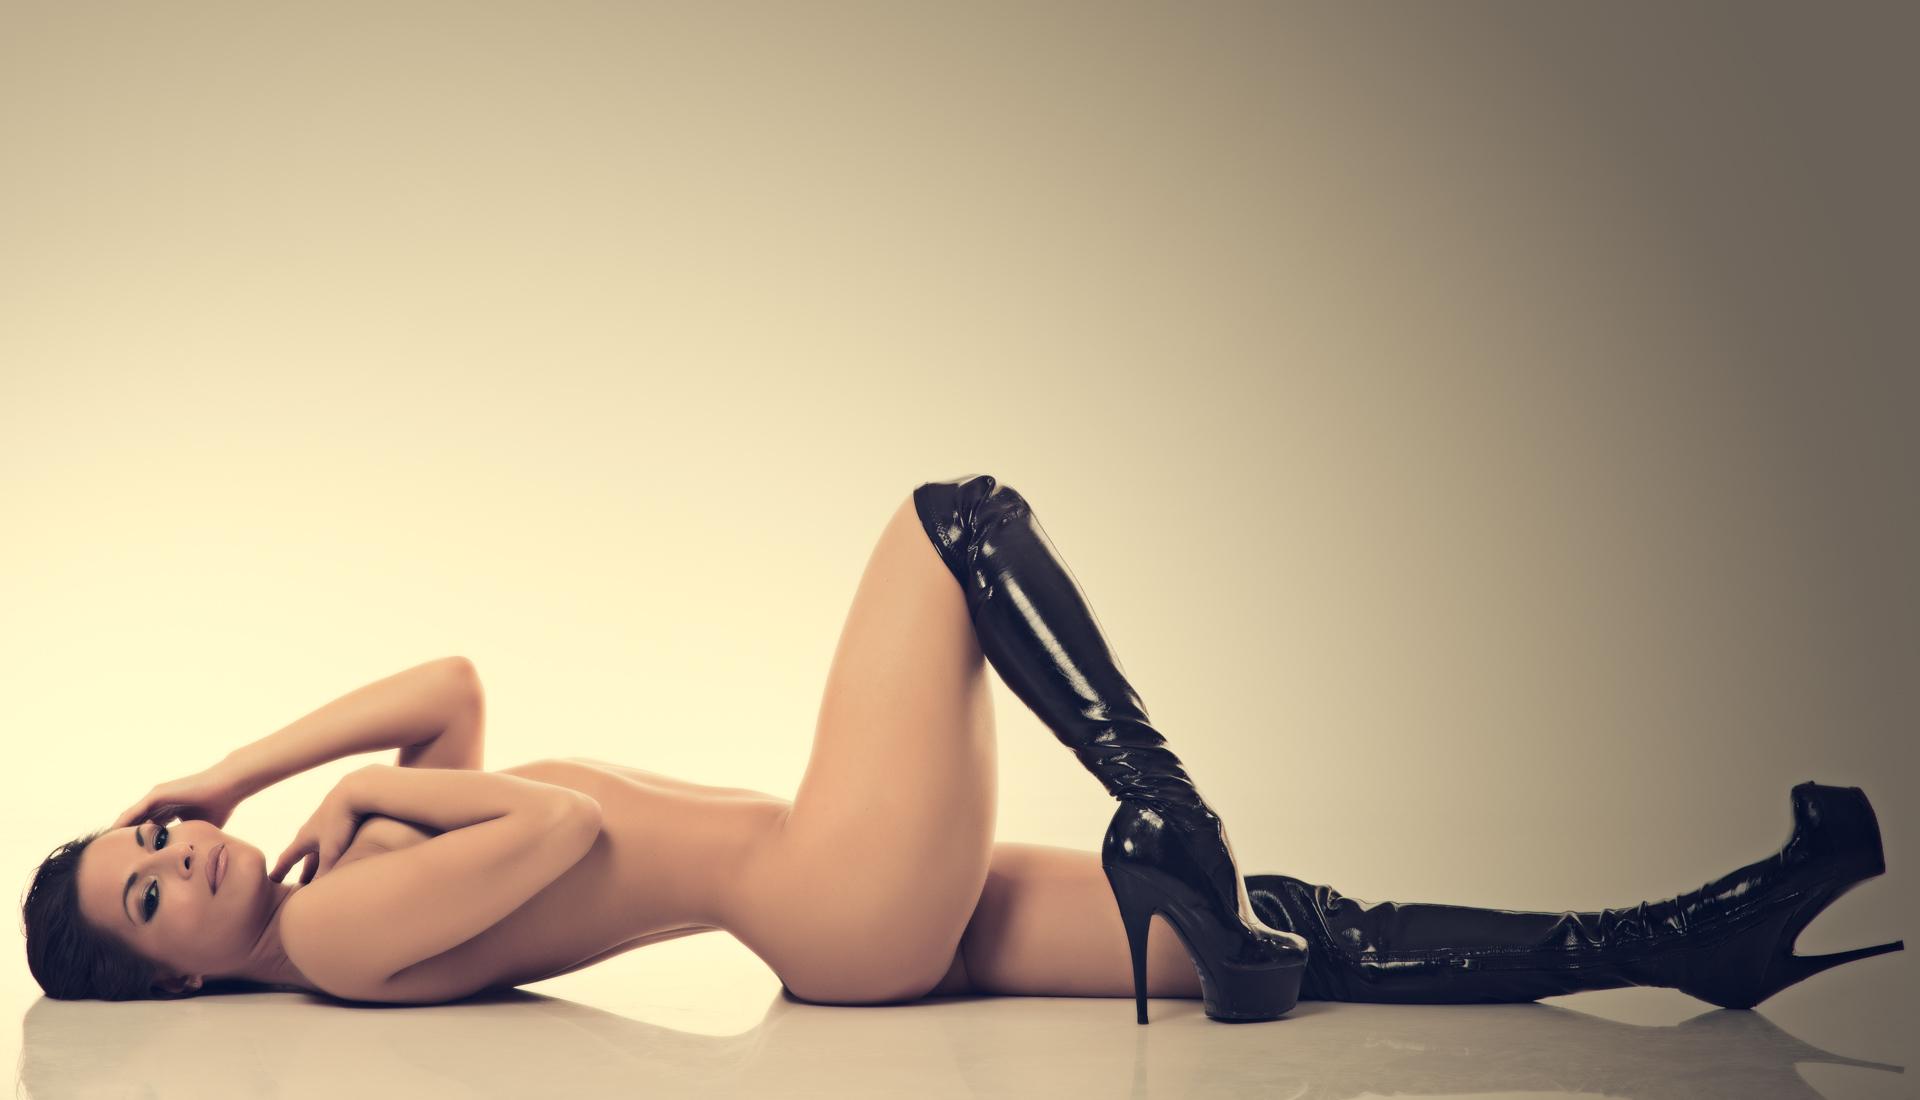 Сапоги чулки для проституток 21 фотография